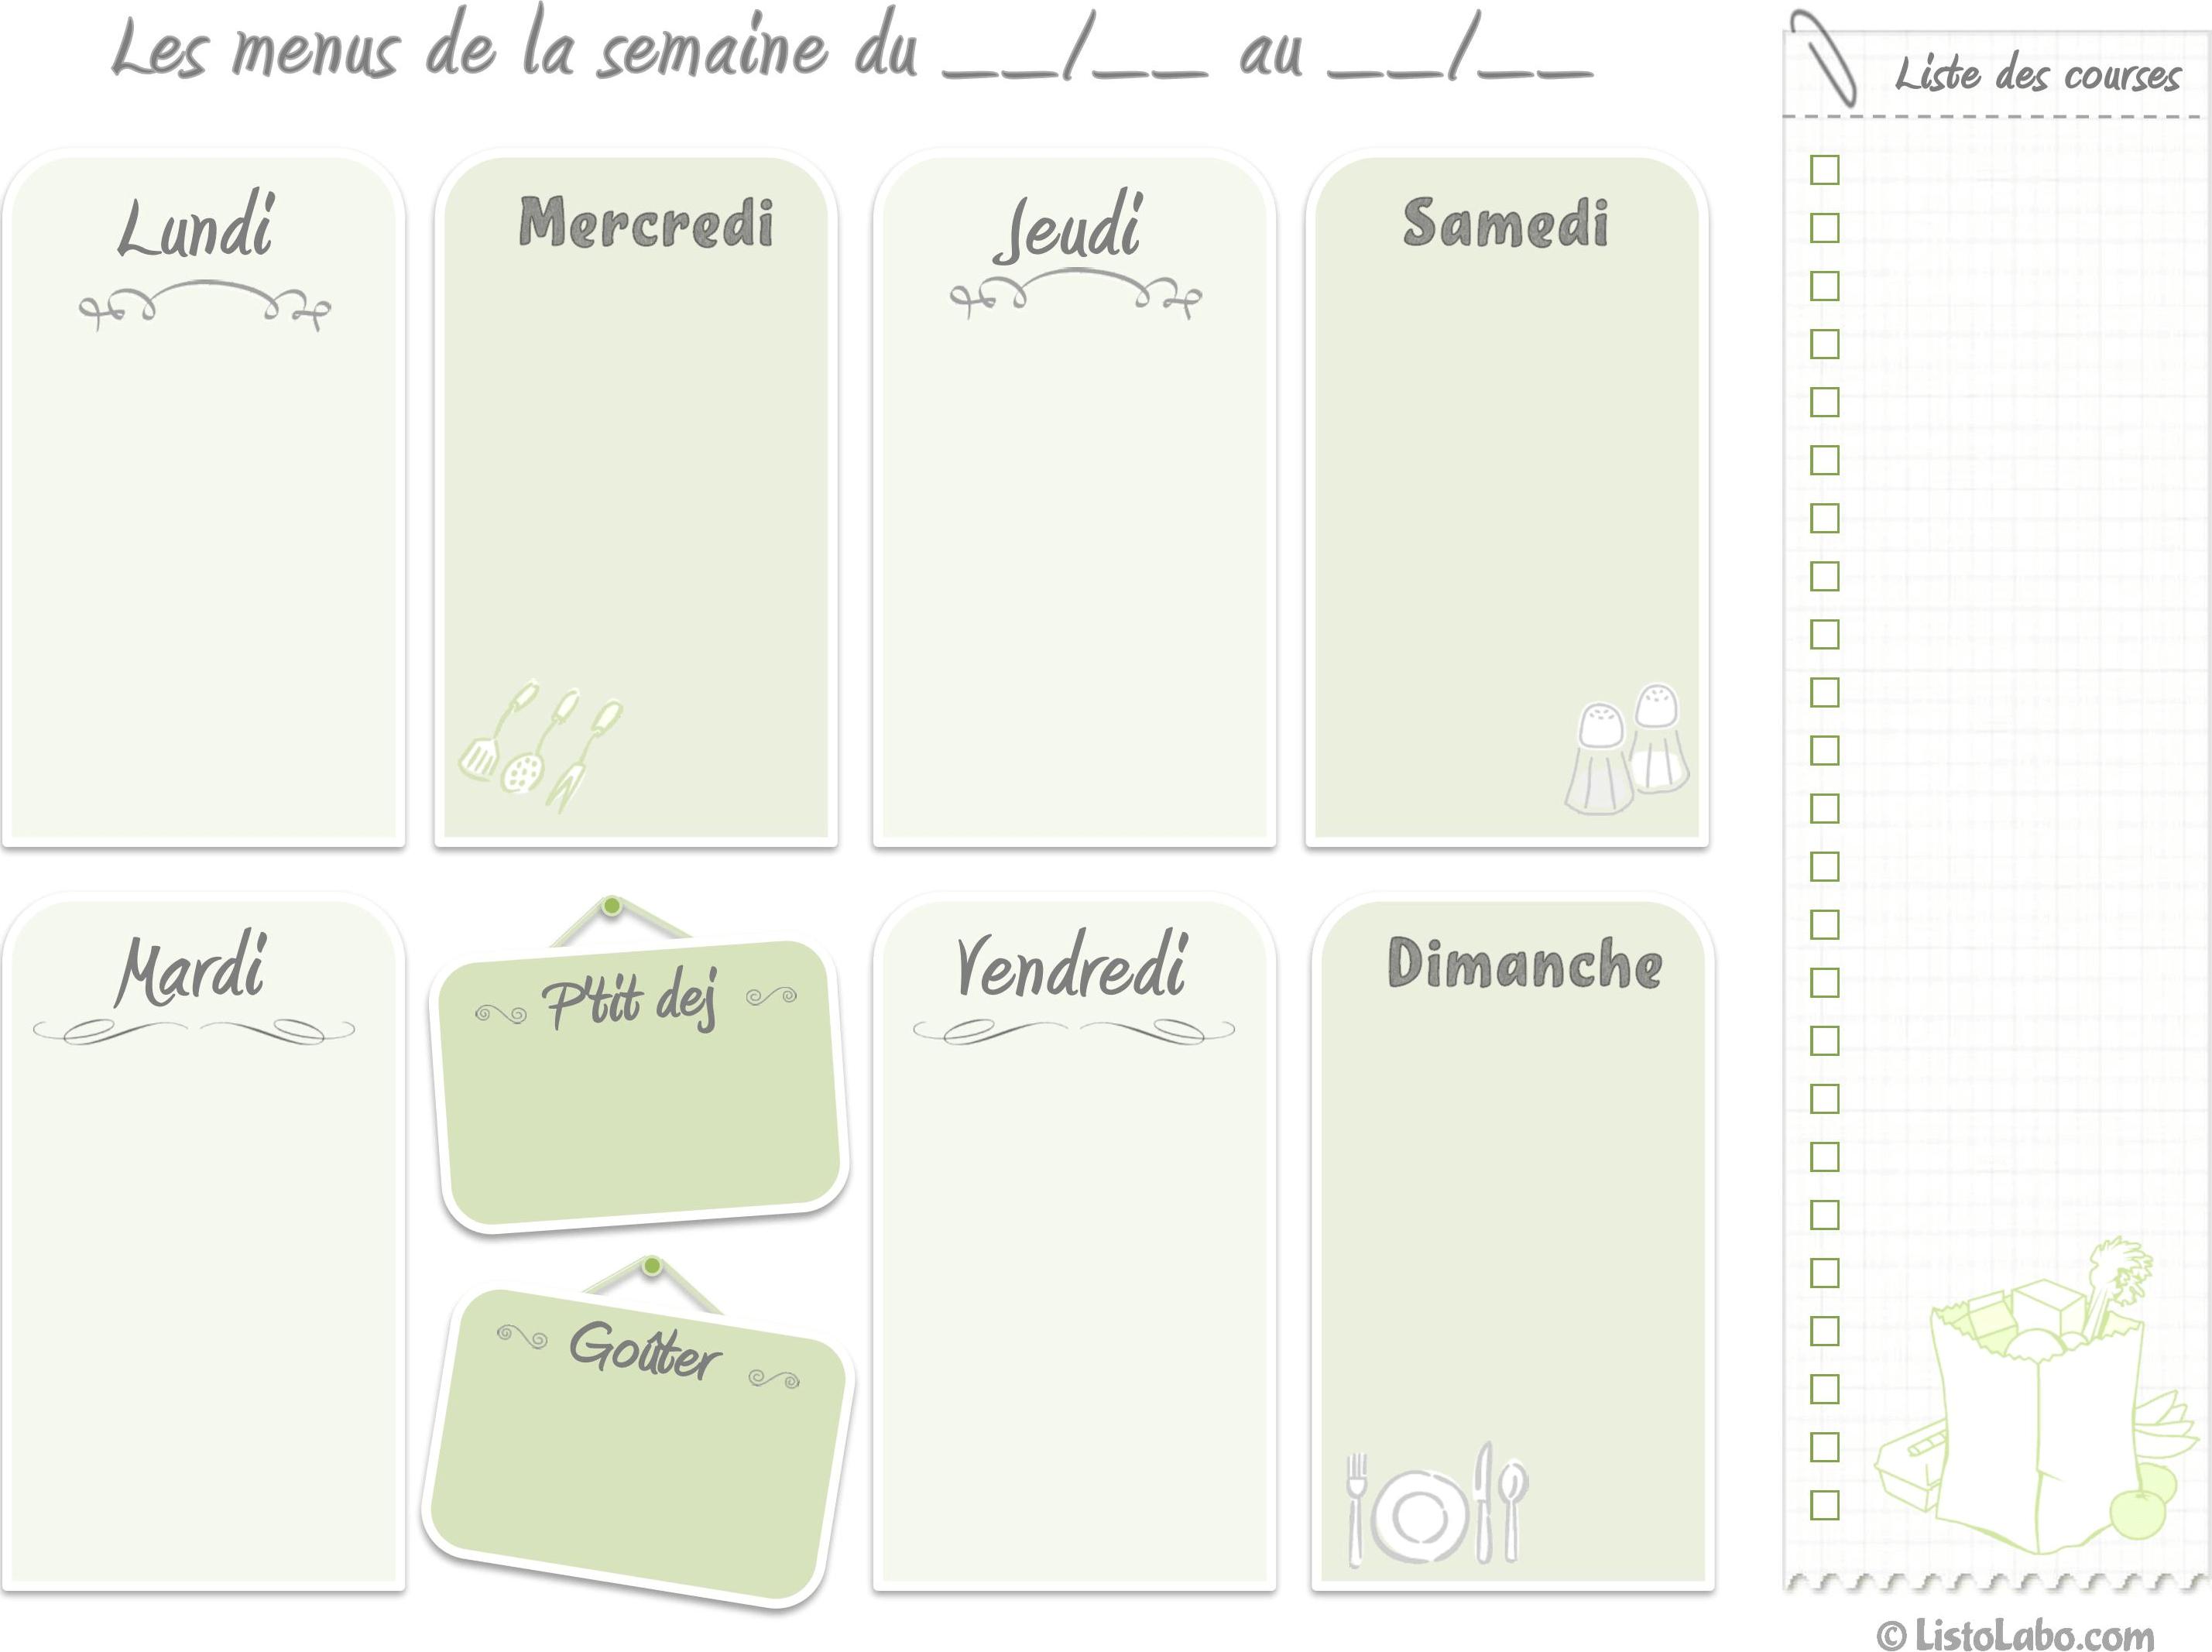 Connu Menus de la semaine à imprimer - Plannings vierges PDF. MB77